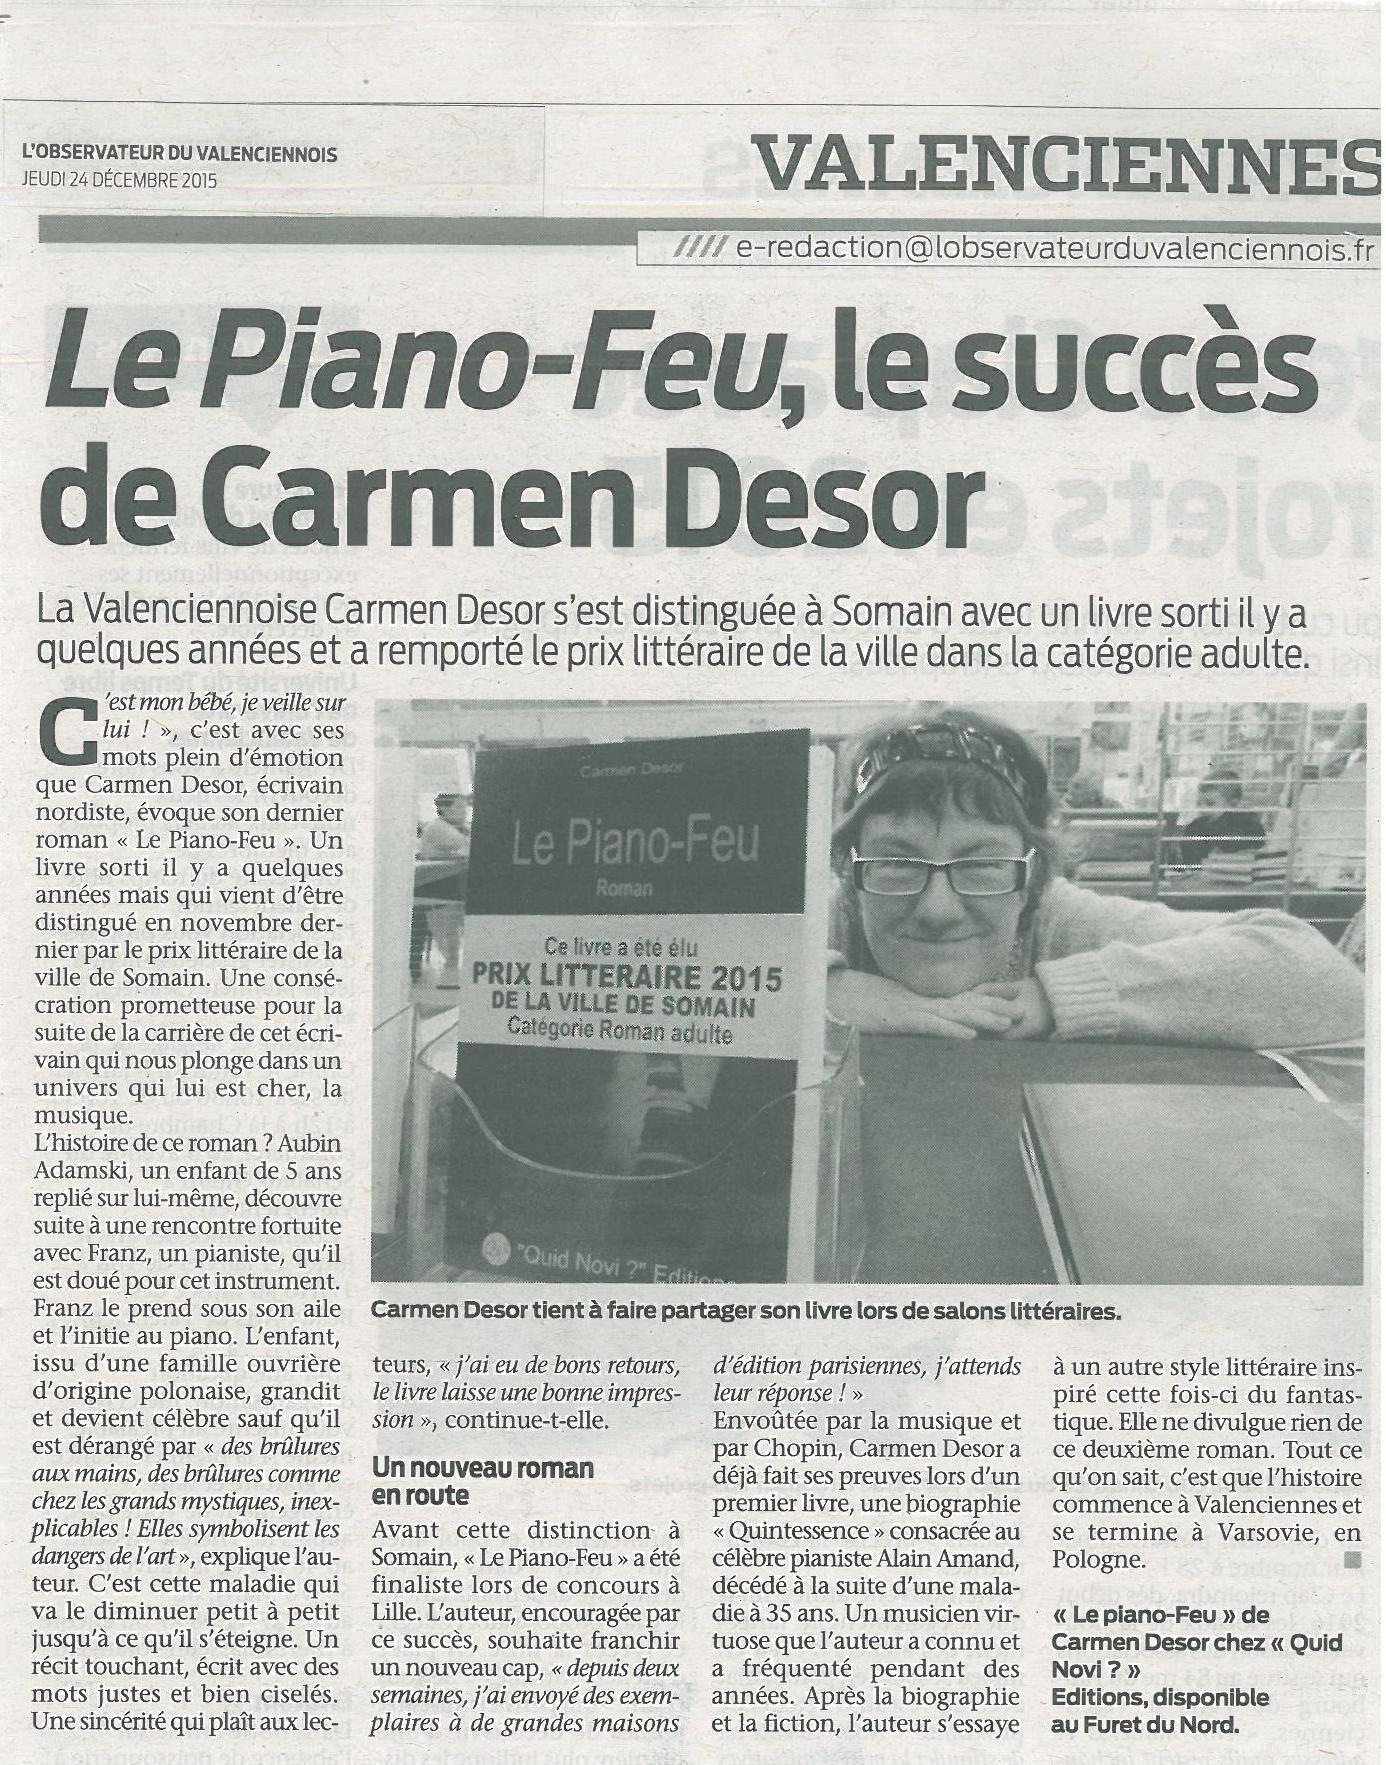 Article observateur du valenciennois du 24 de cembre 2015